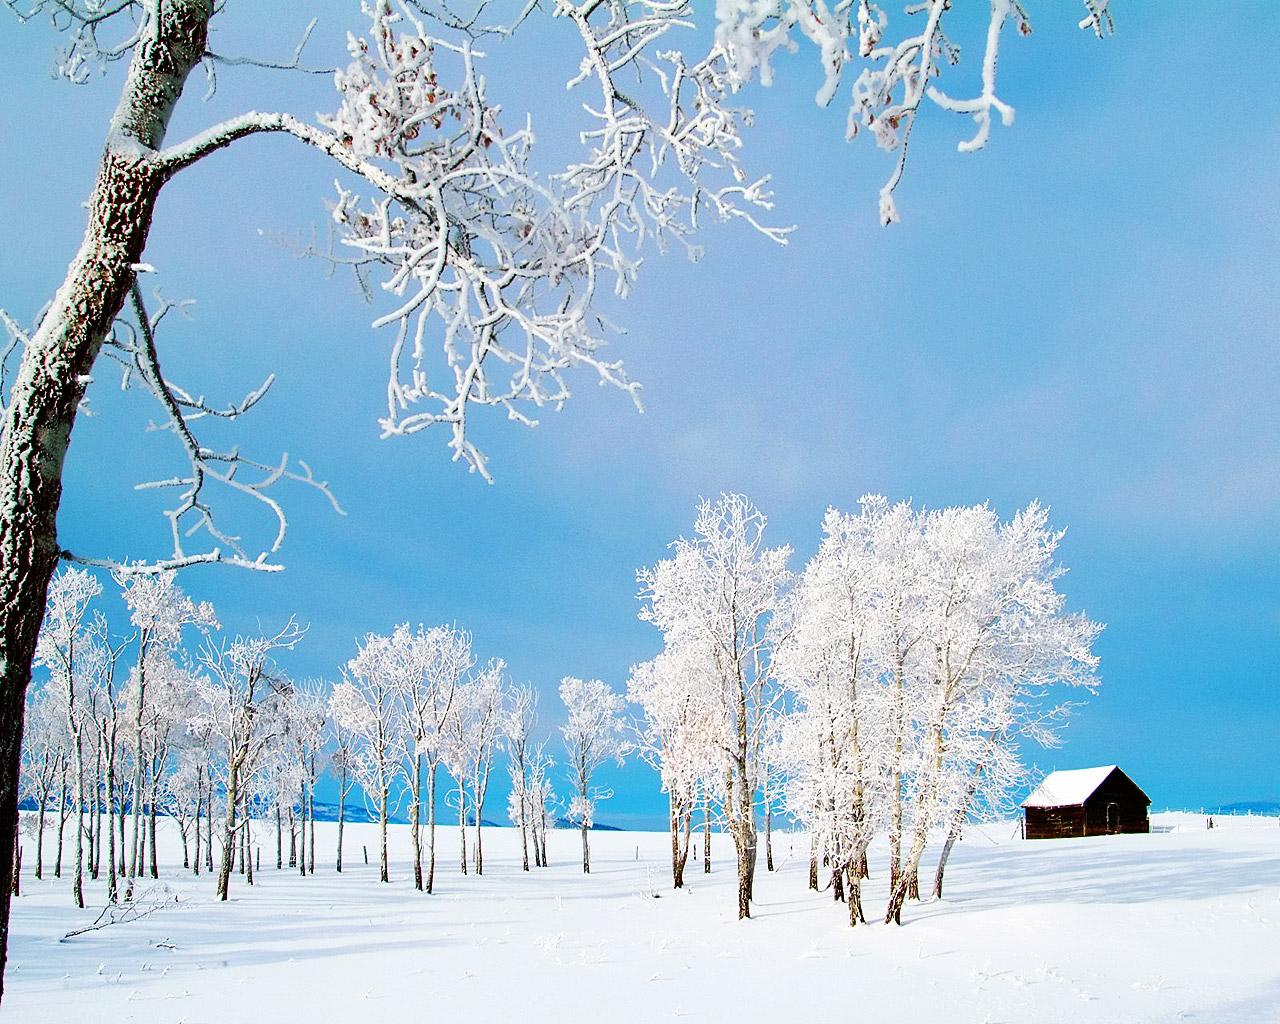 http://2.bp.blogspot.com/-CxFVWL_ioX8/TwbSlvzPOfI/AAAAAAAAAYo/uESMnCXXByM/s1600/Winter+Wallpapers+HD+for+Desktop+1.jpg